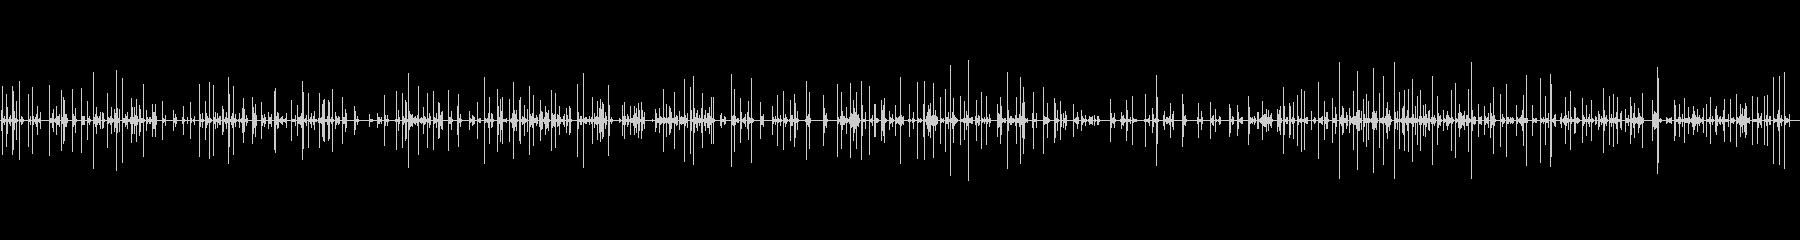 コンピューターのキーボードで入力する人の未再生の波形